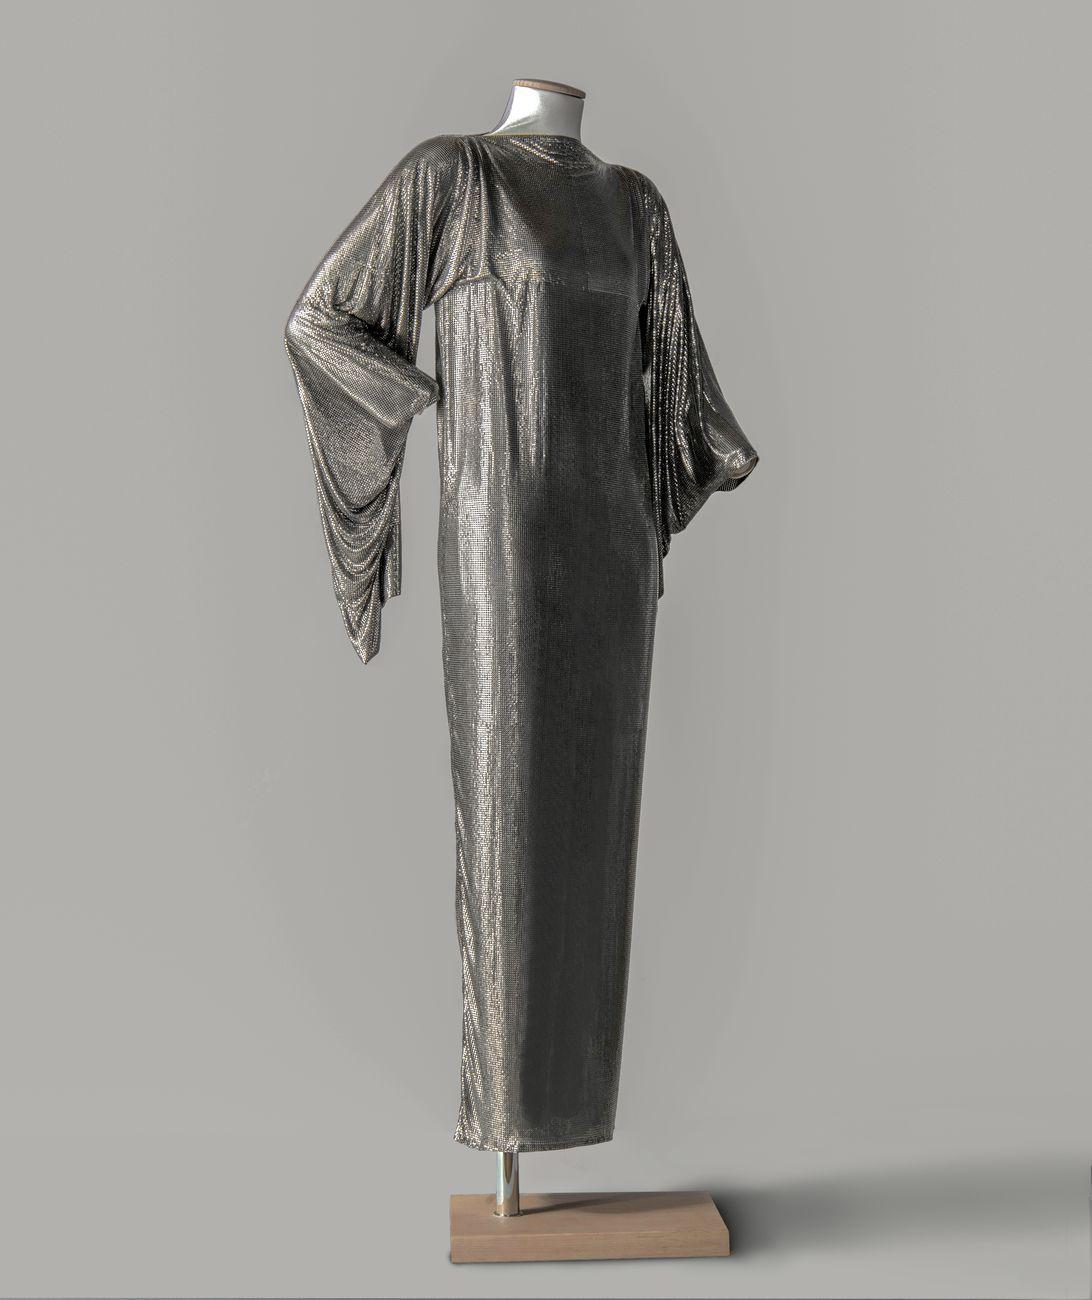 Gianni Versace, Abito in maglia di metallo Oroton, 1984, Firenze, Gallerie degli Uffizi, Museo della Moda e del Costume di Palazzo Pitti